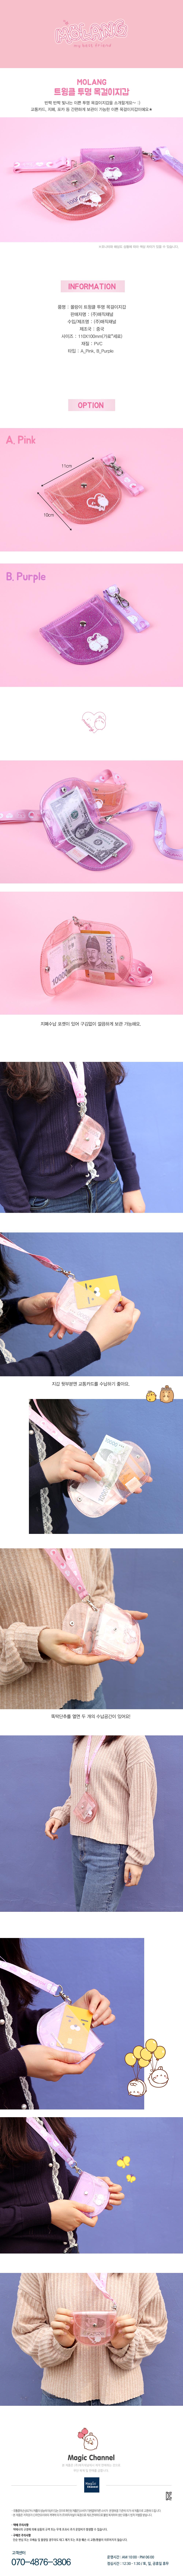 몰랑이 귀여운 블링블링 트윙클 투명 목걸이지갑 - 매직채널, 6,300원, 동전/카드지갑, 카드지갑